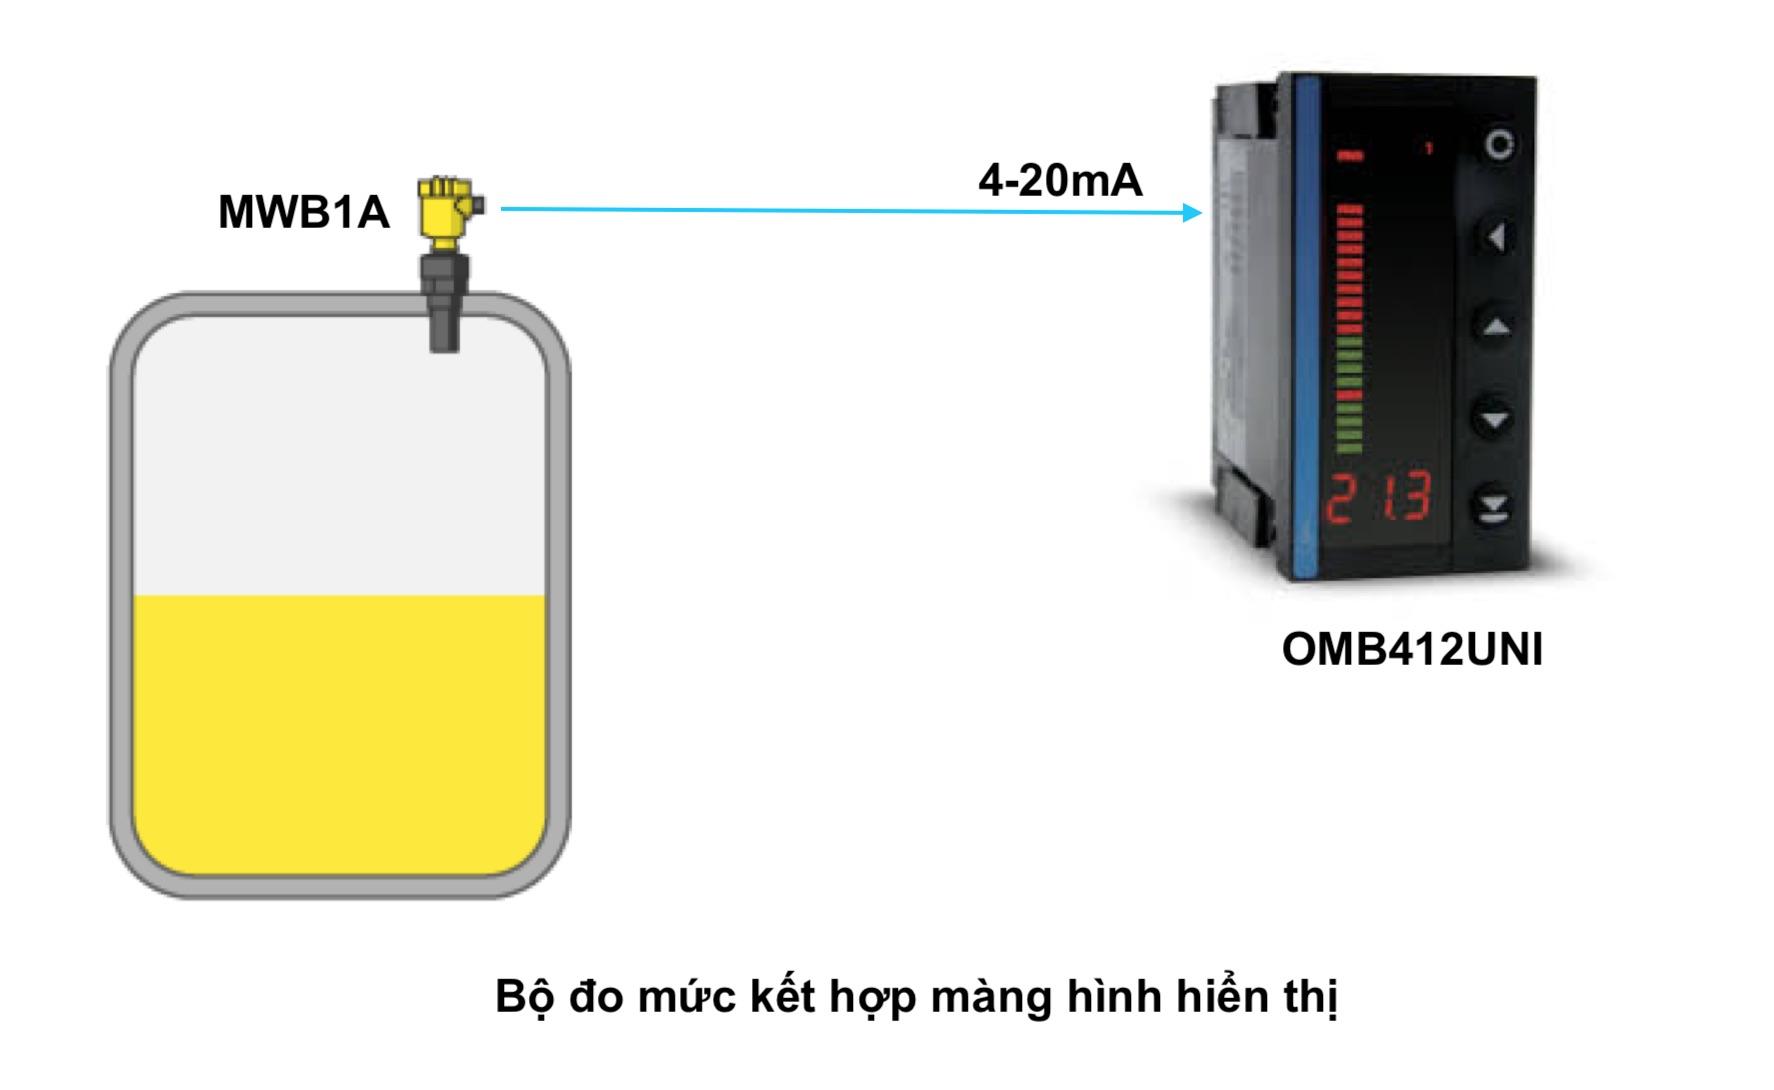 Bộ hiển thị được dùng với cảm biến đo mức